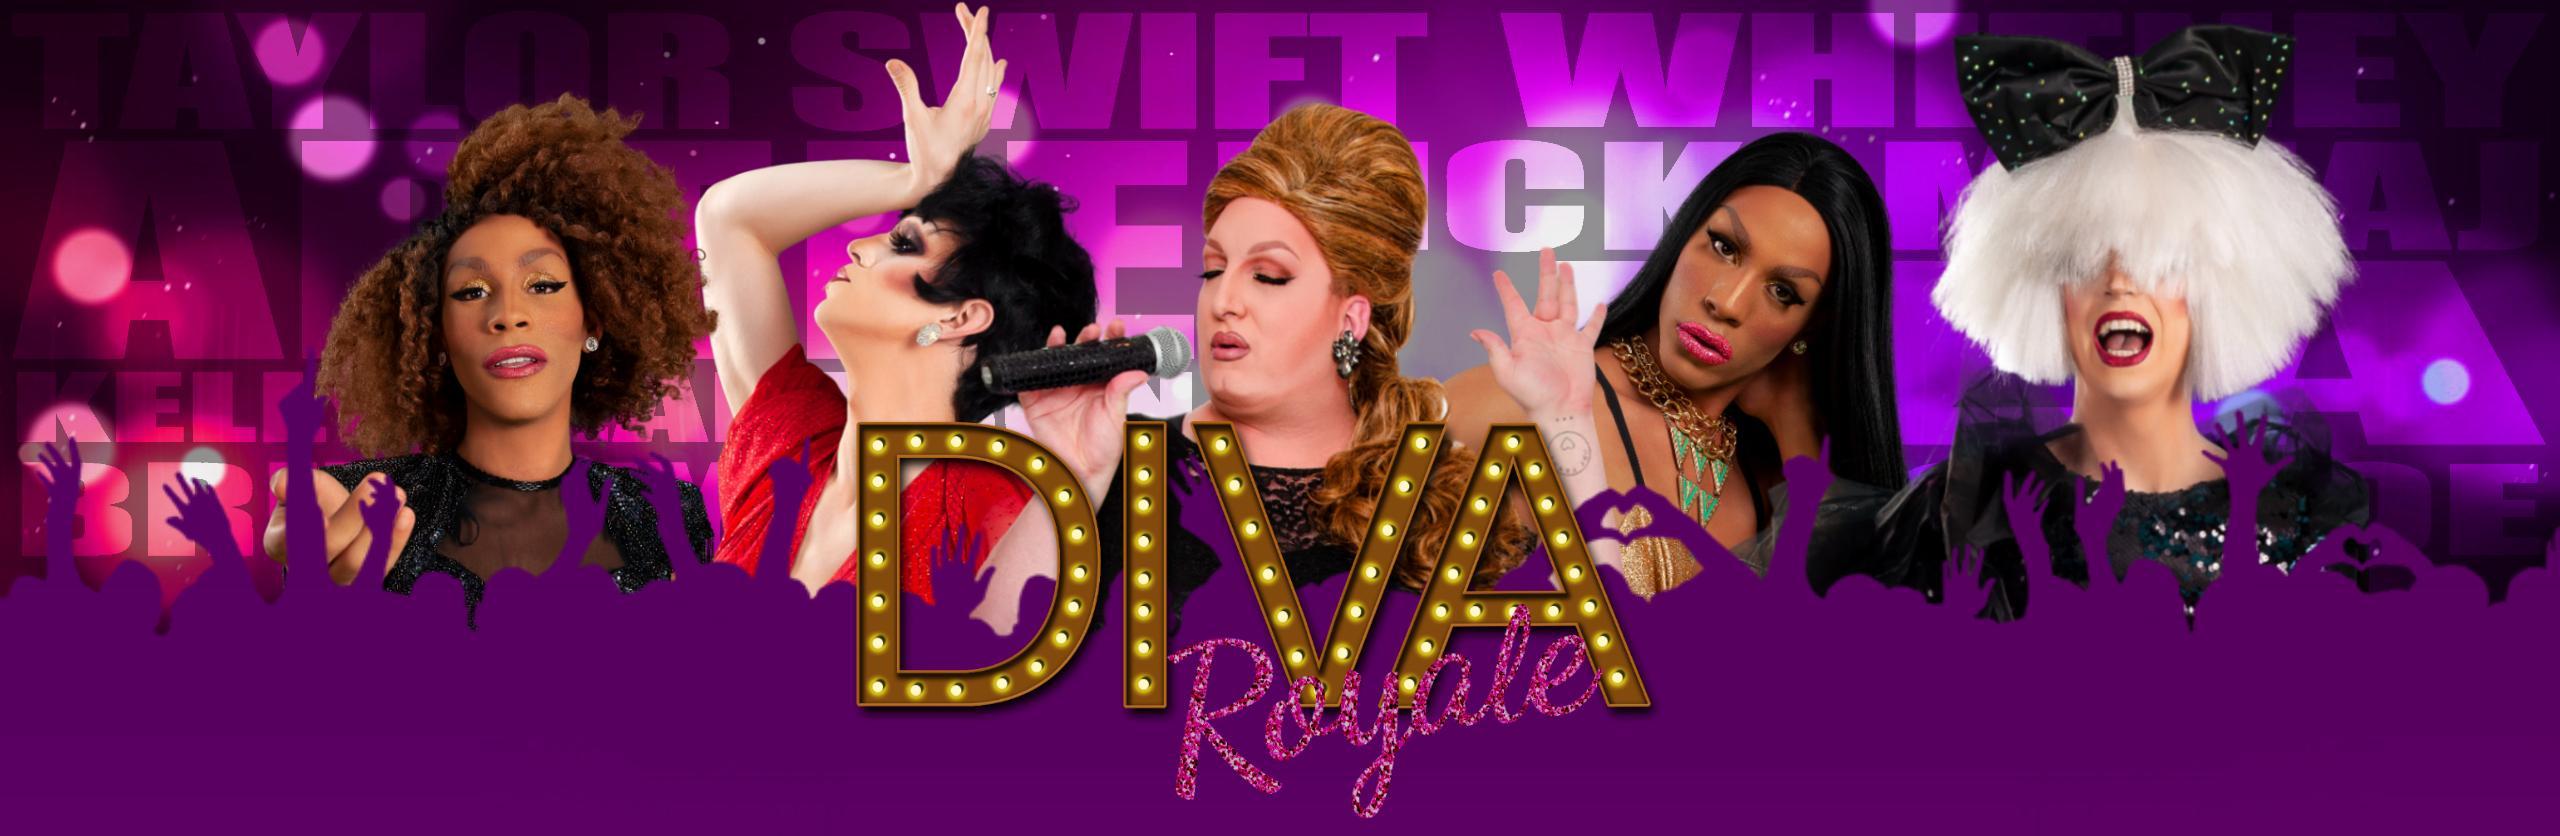 Diva Royale - Drag Queen Dinner & Brunch Show Boston